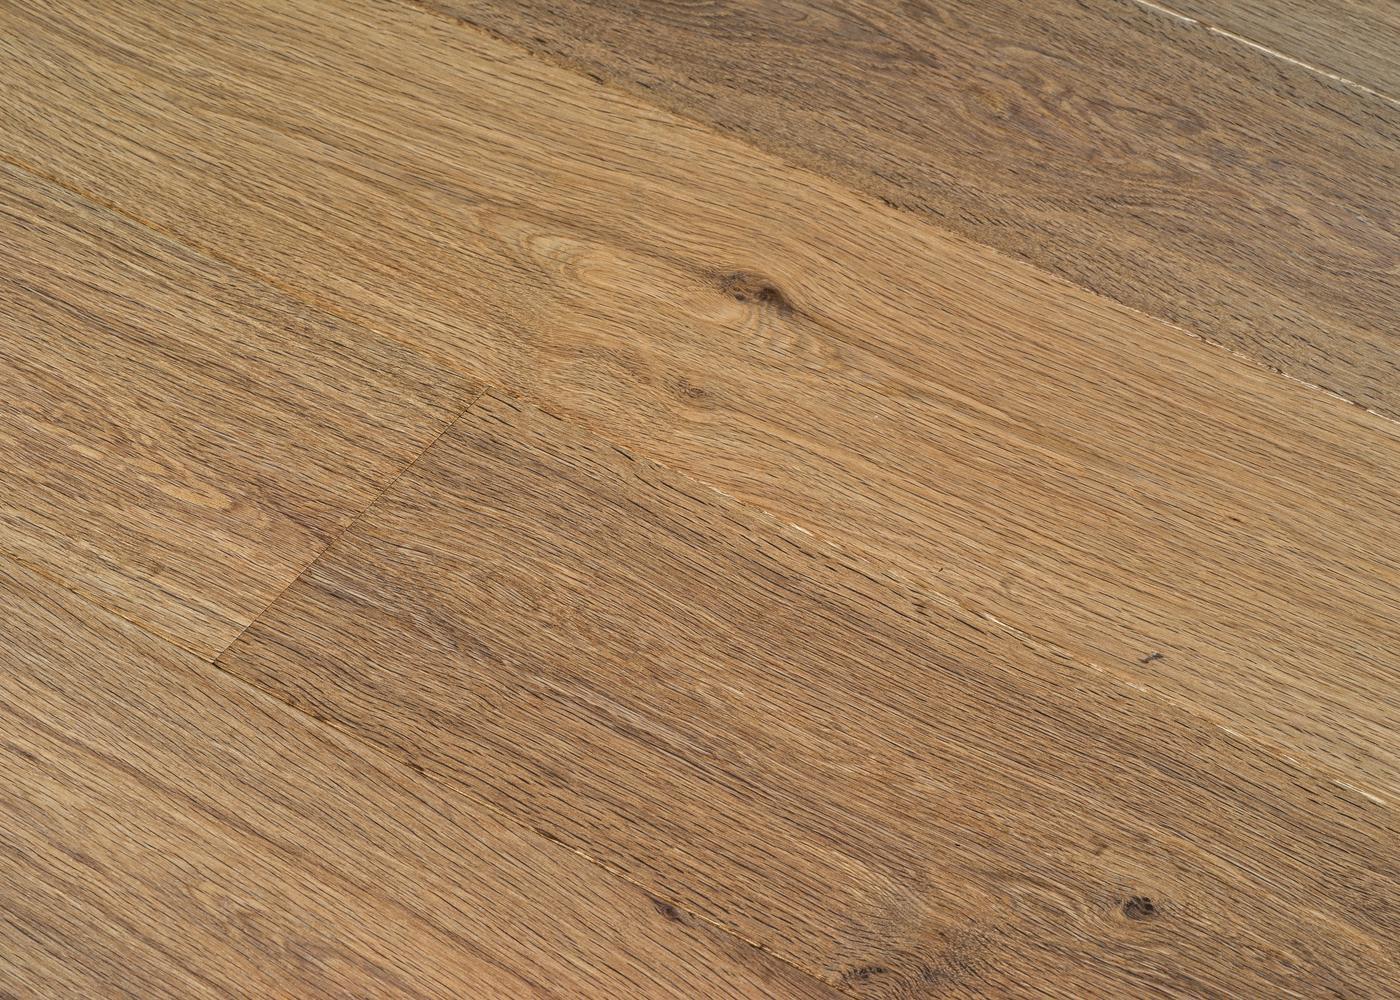 Parquet chêne contrecollé FLAME huile cire Mélange 50% PRBis, 50% Matière 12x160x1100-2200